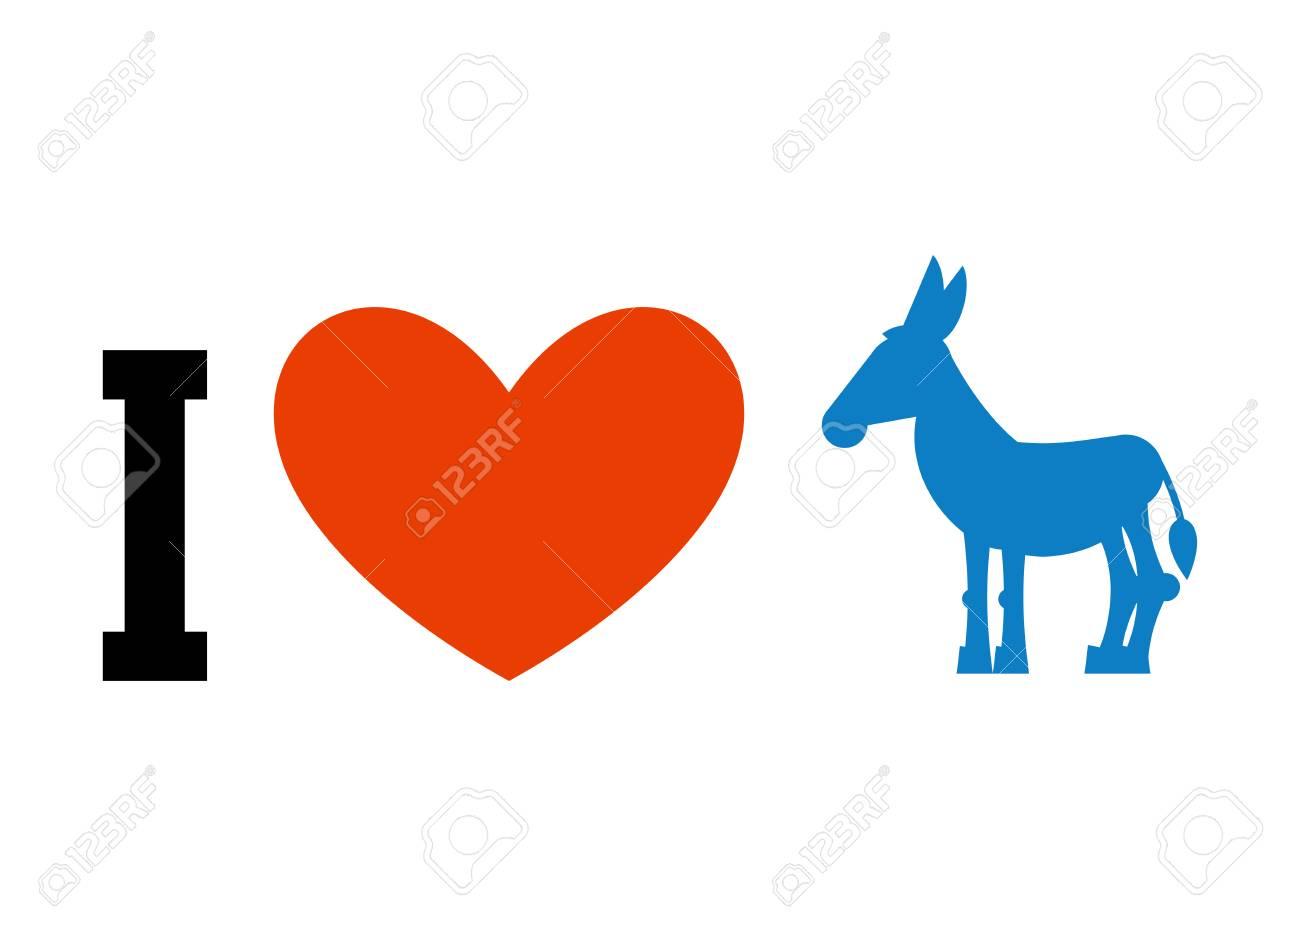 I love democrat symbol of heart and donkey poster for elections i love democrat symbol of heart and donkey poster for elections in usa buycottarizona